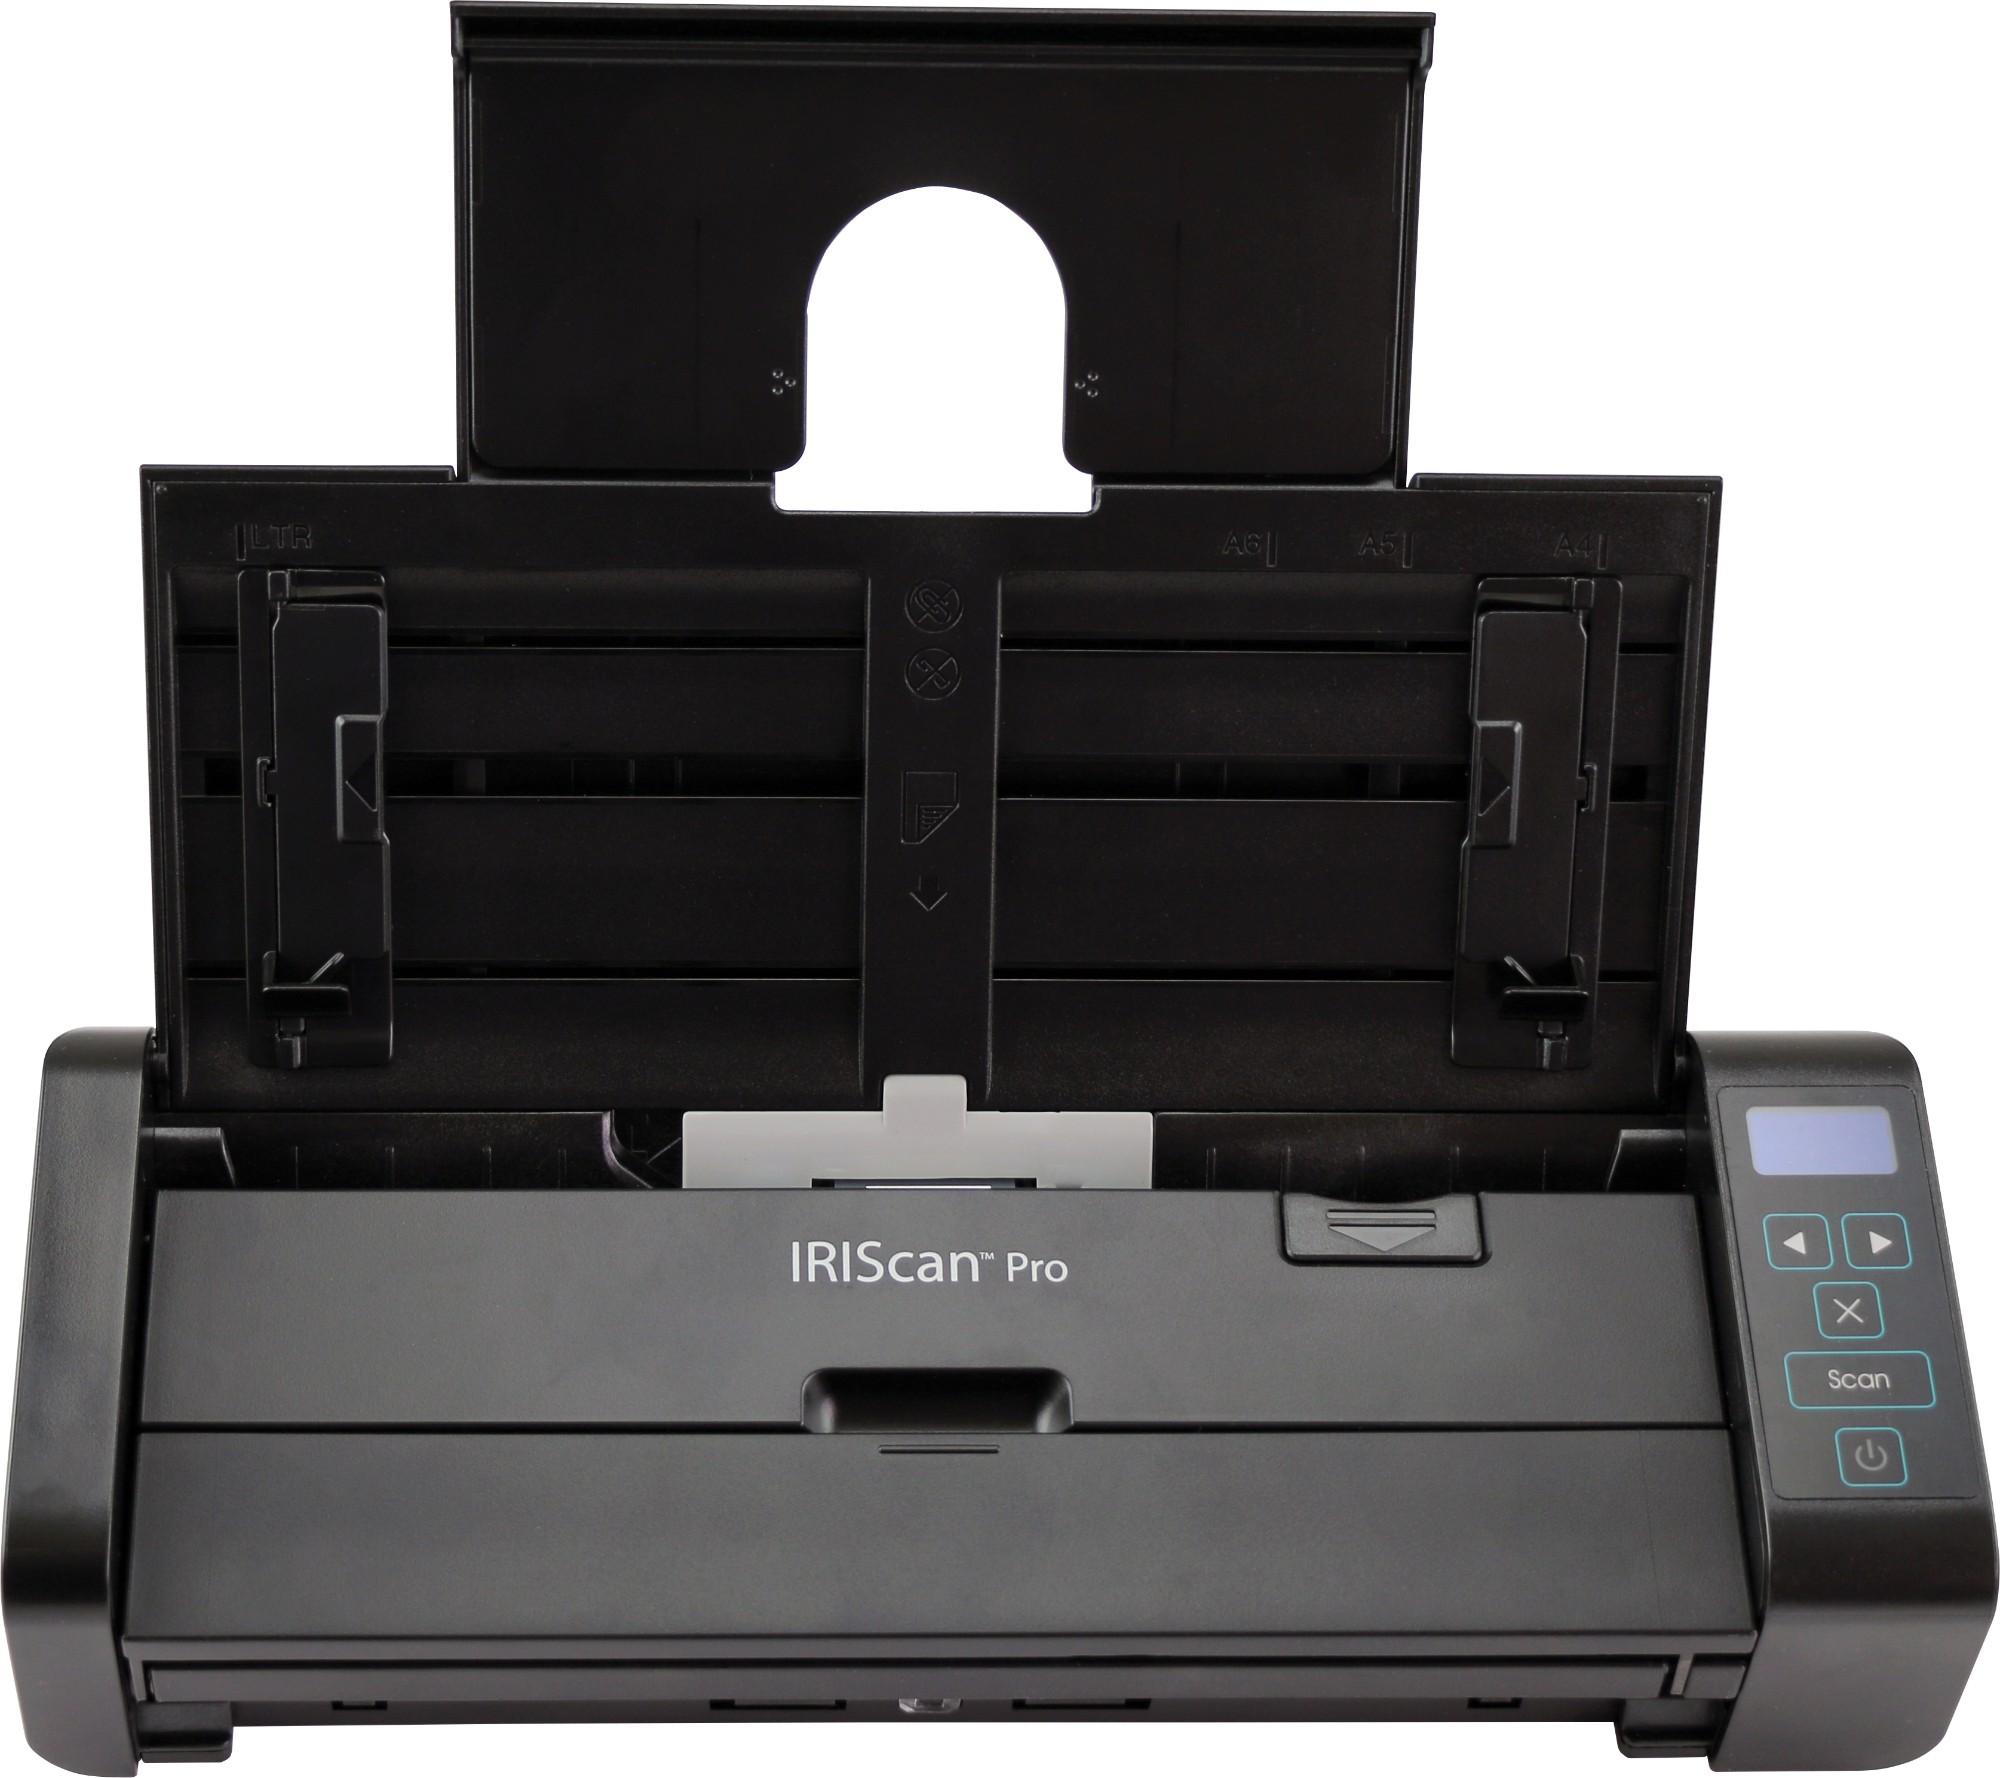 I.R.I.S. IRIScan Pro 5 600 x 600 DPI Escáner con alimentador automático de documentos (ADF) Negro A4